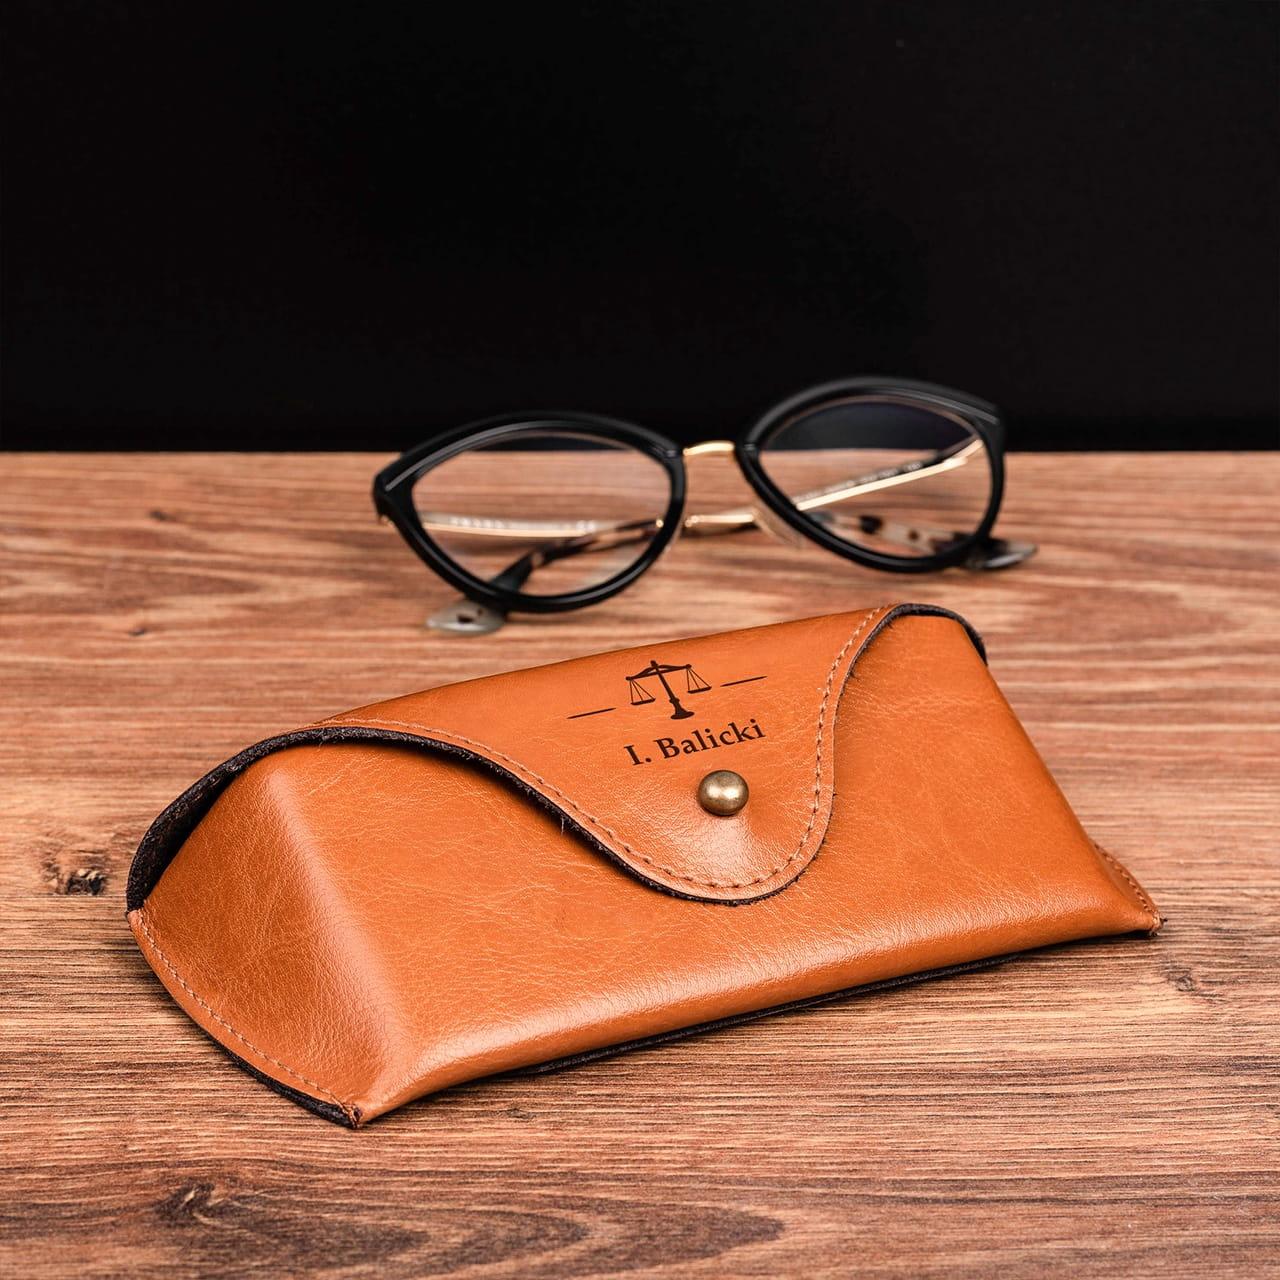 Etui na okulary jako praktyczny prezent dla prawnika